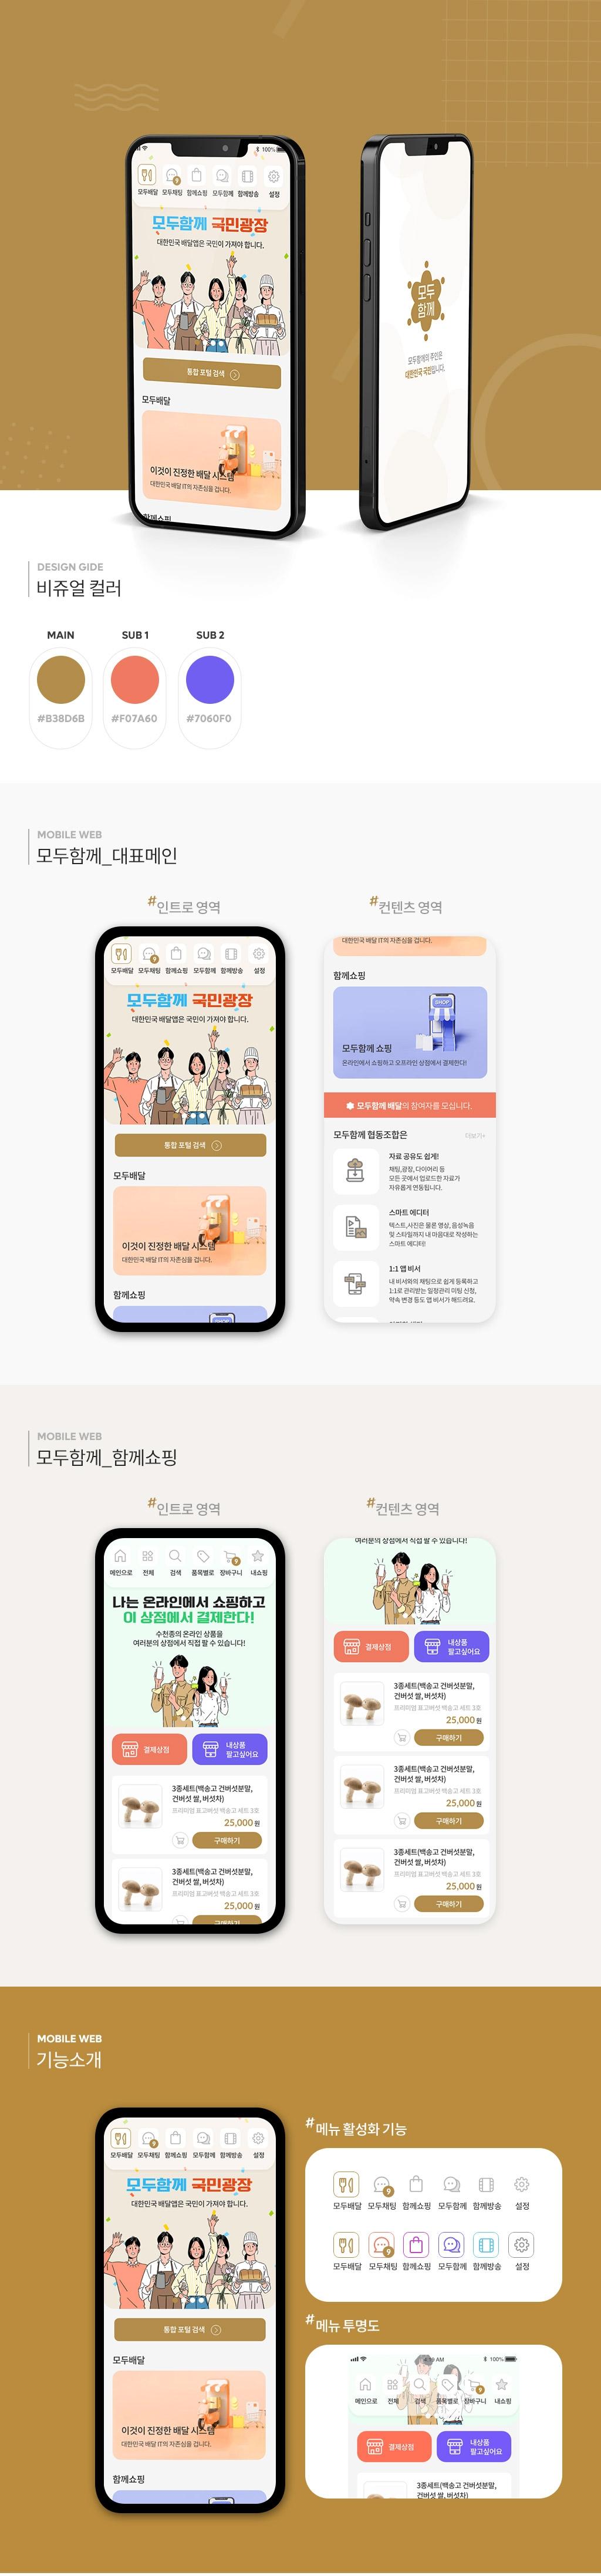 어플 디자인 | 모두함께 모바일 앱 리뉴얼 시안 디자인 의뢰 | 라우드소싱 포트폴리오